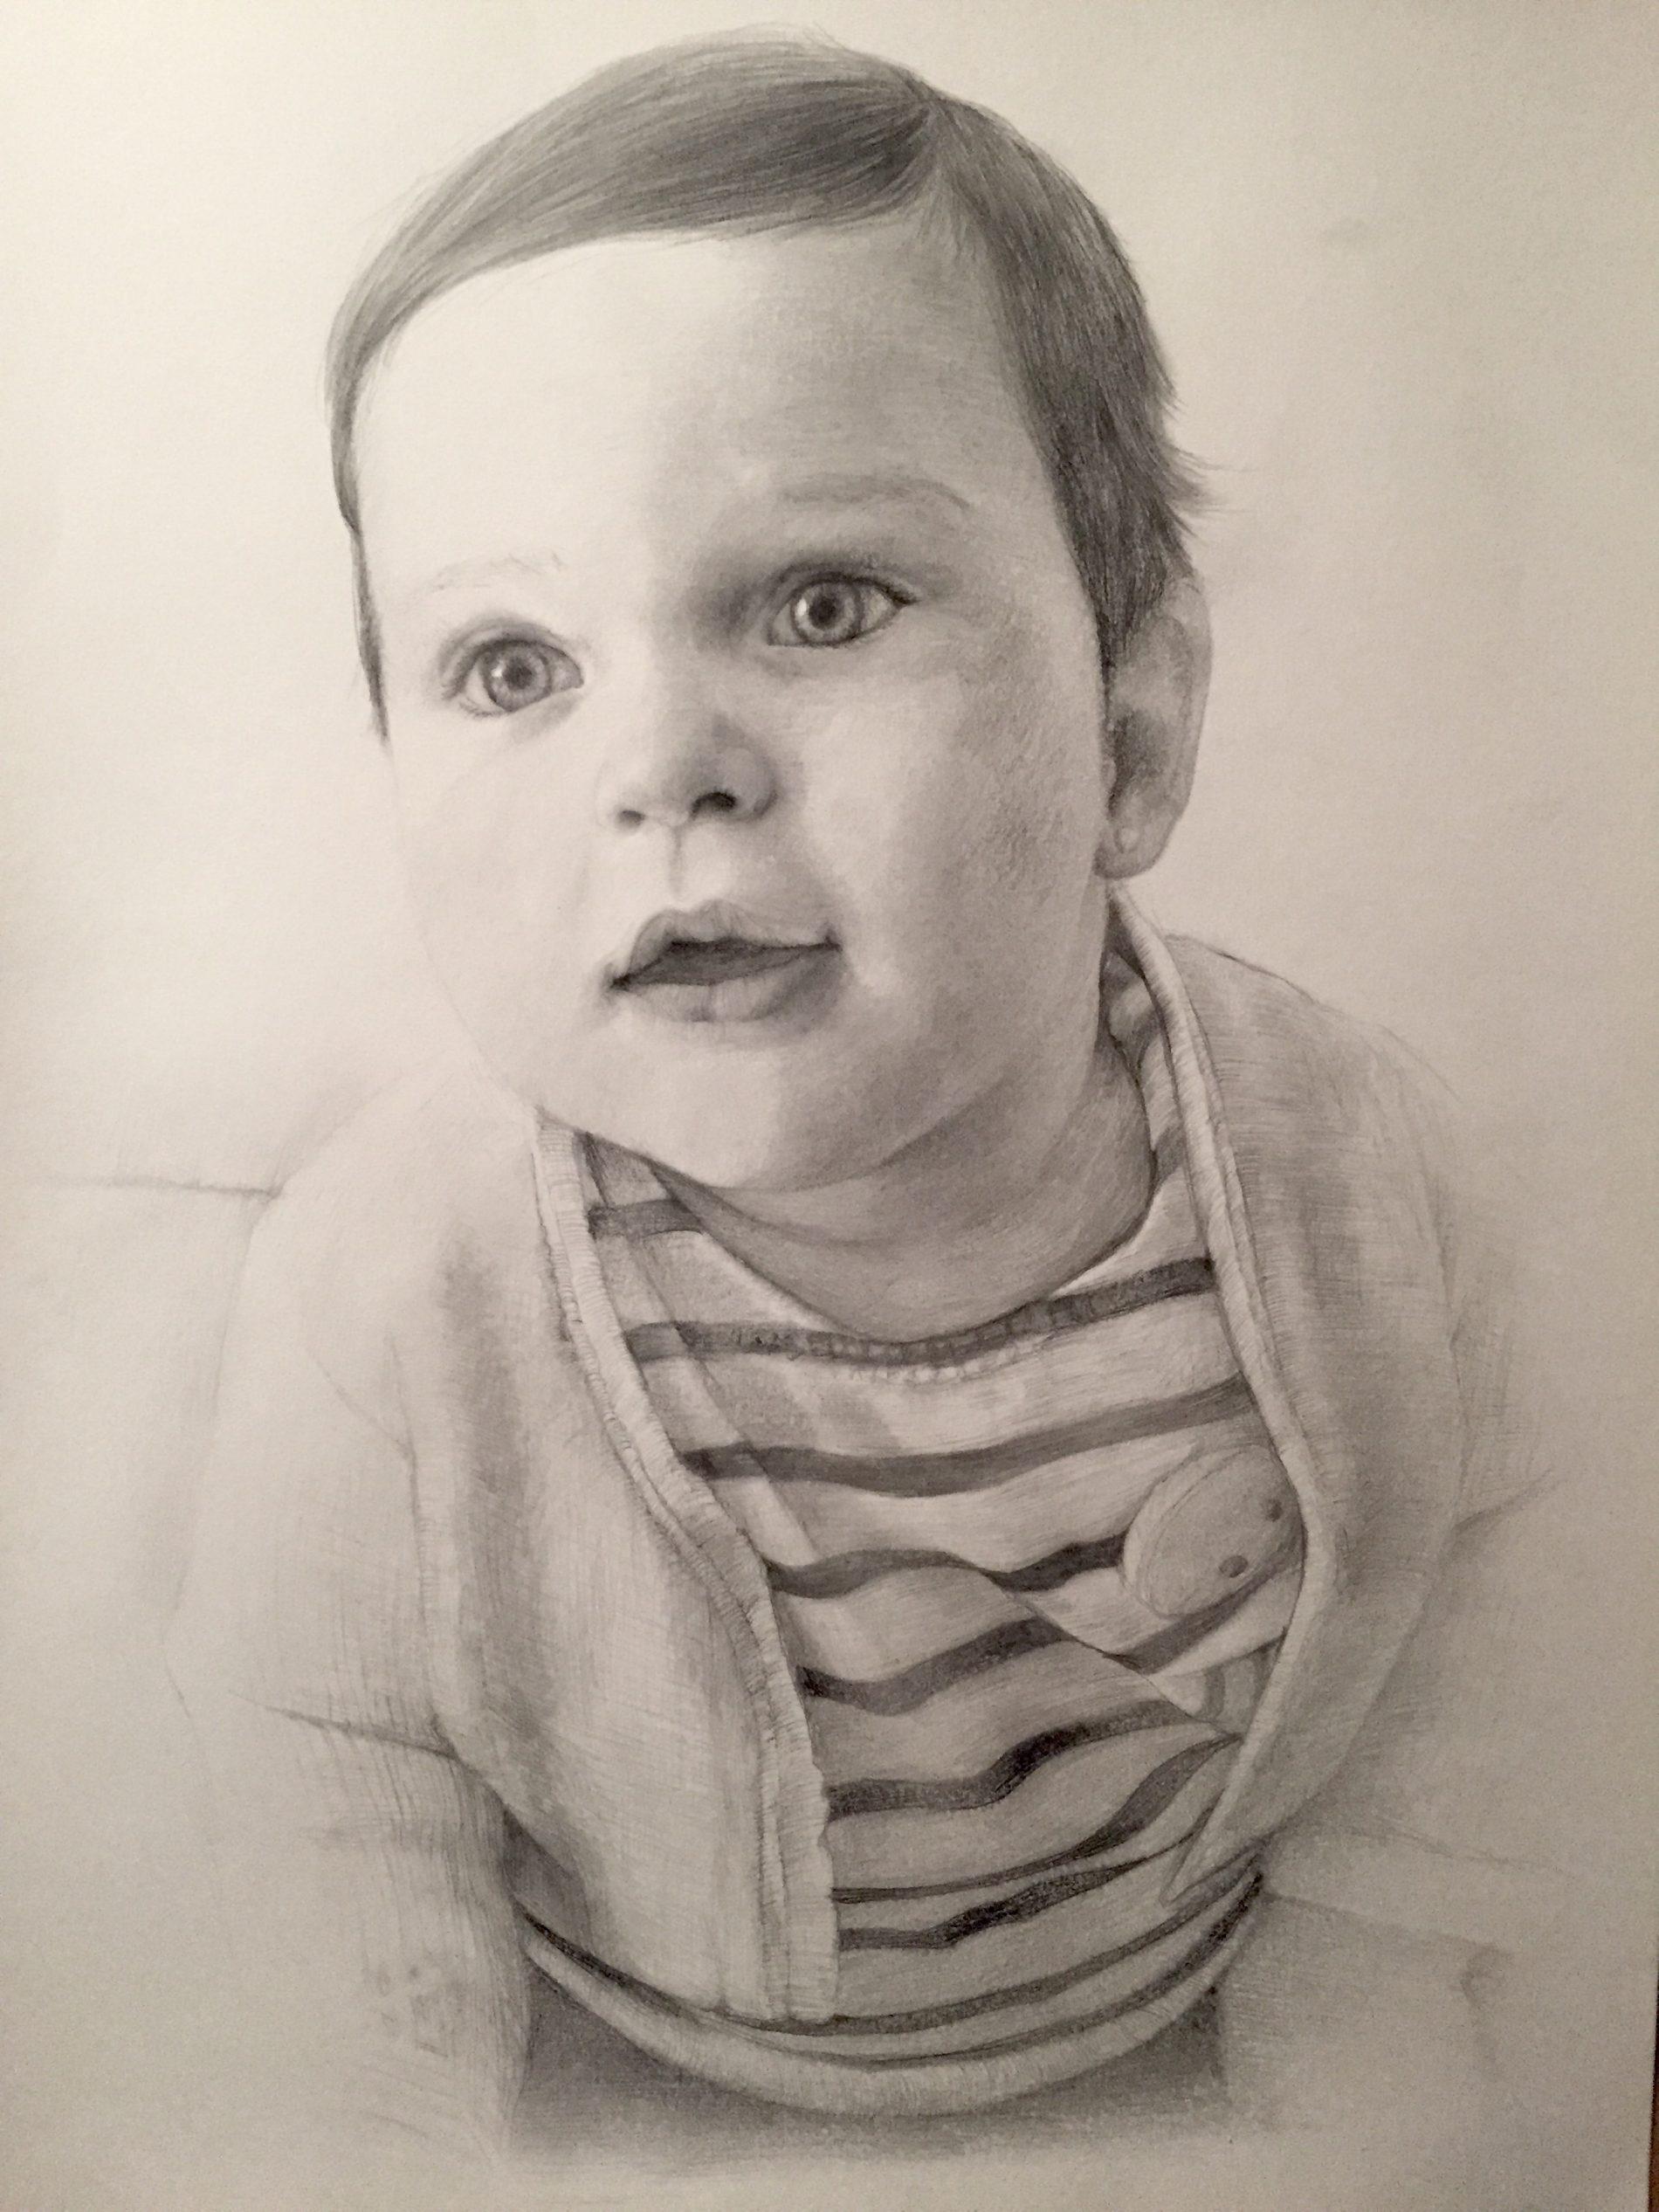 retratos-por-encargo-44-e1488877803736